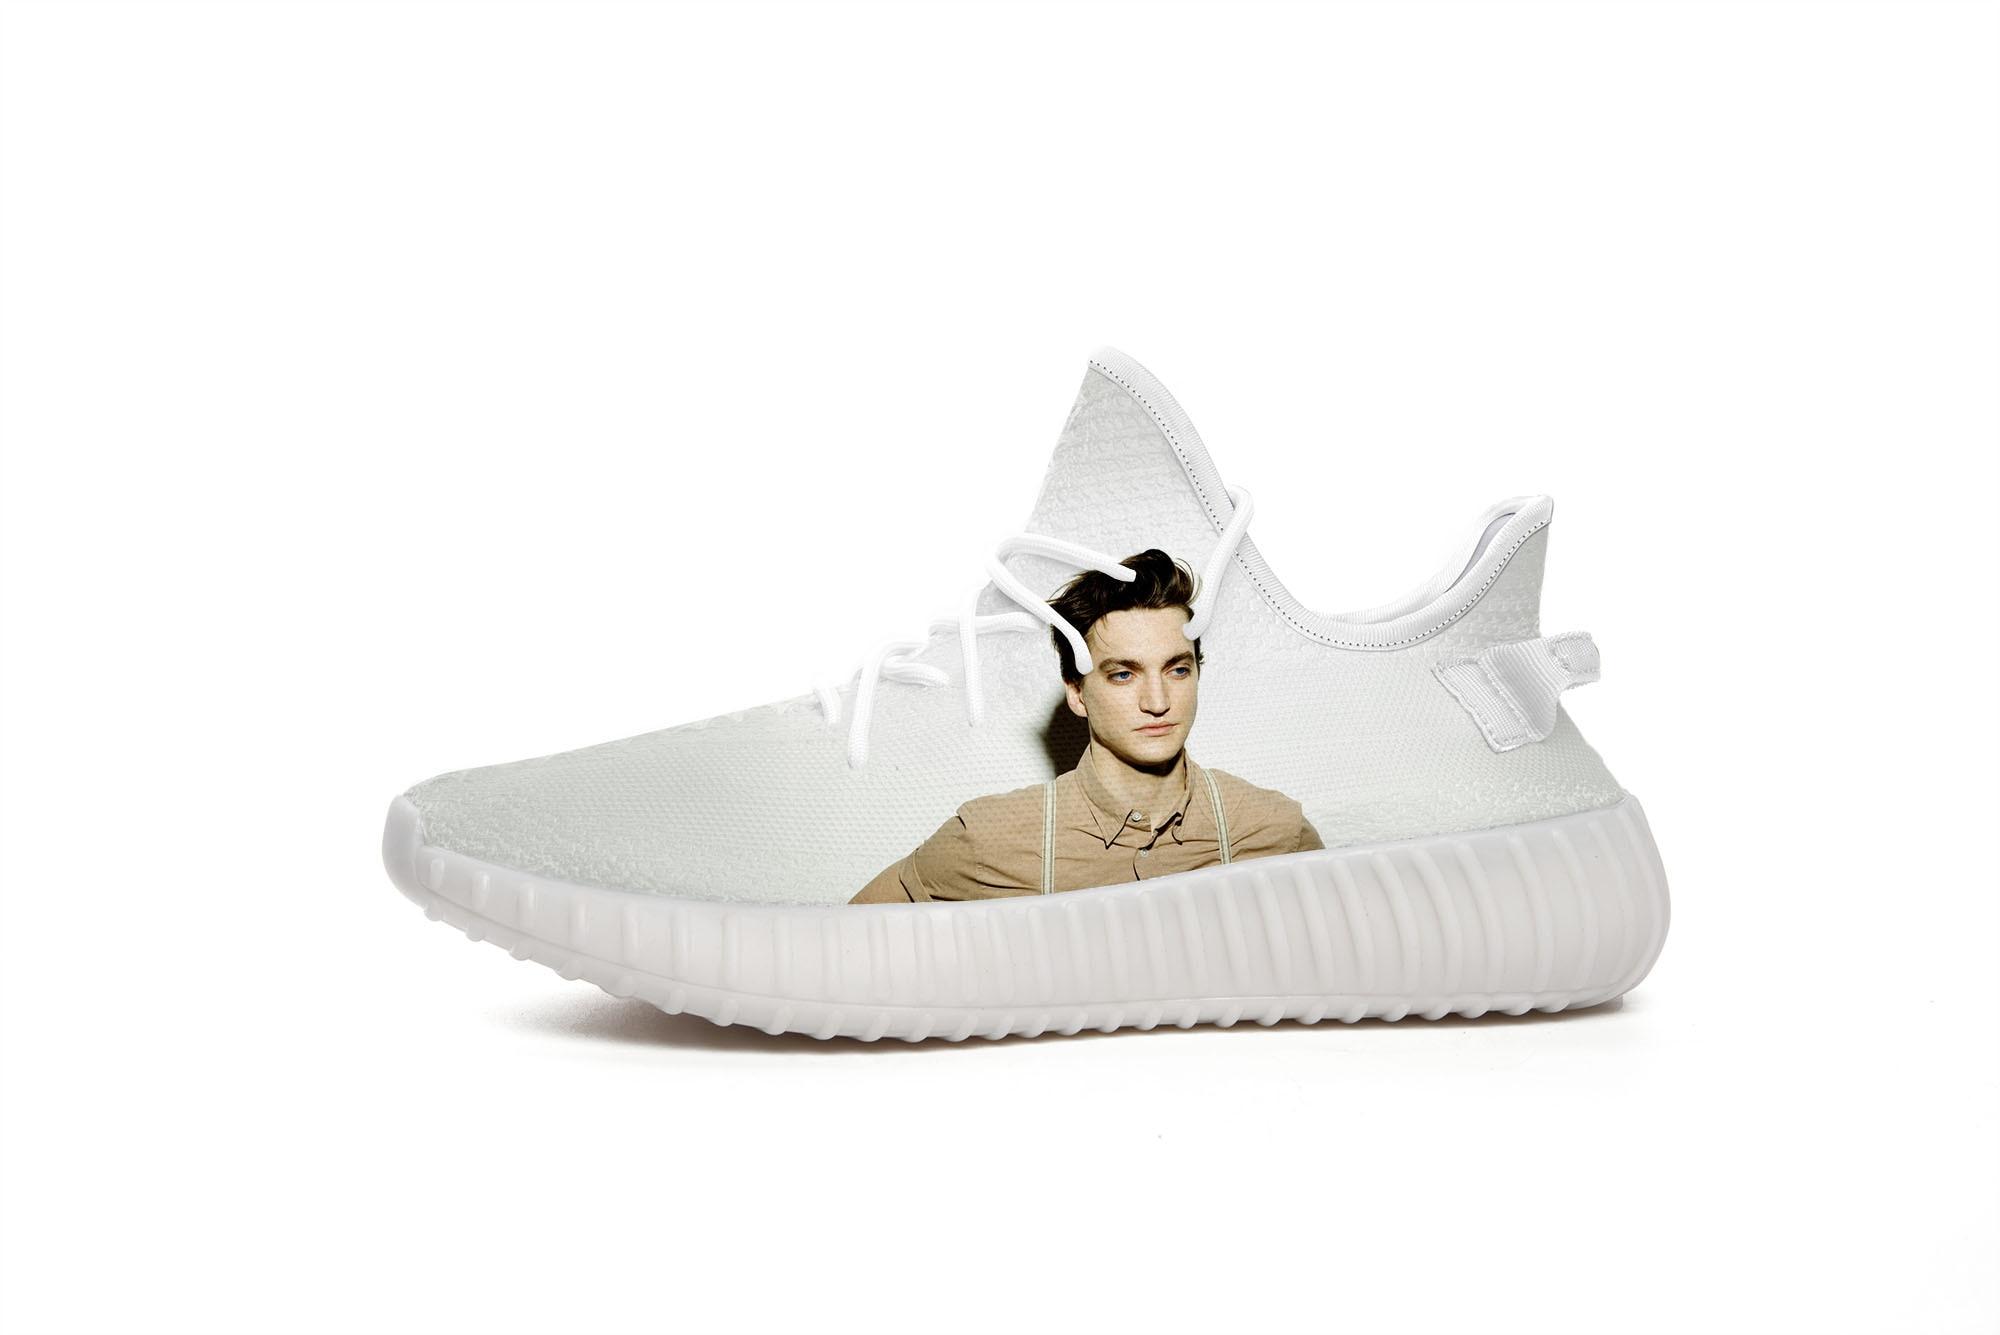 Richard Harmon 2019 mode chaude 3D chaussures décontractées pour hommes/femmes haute qualité impression 3D Richard Harmon baskets